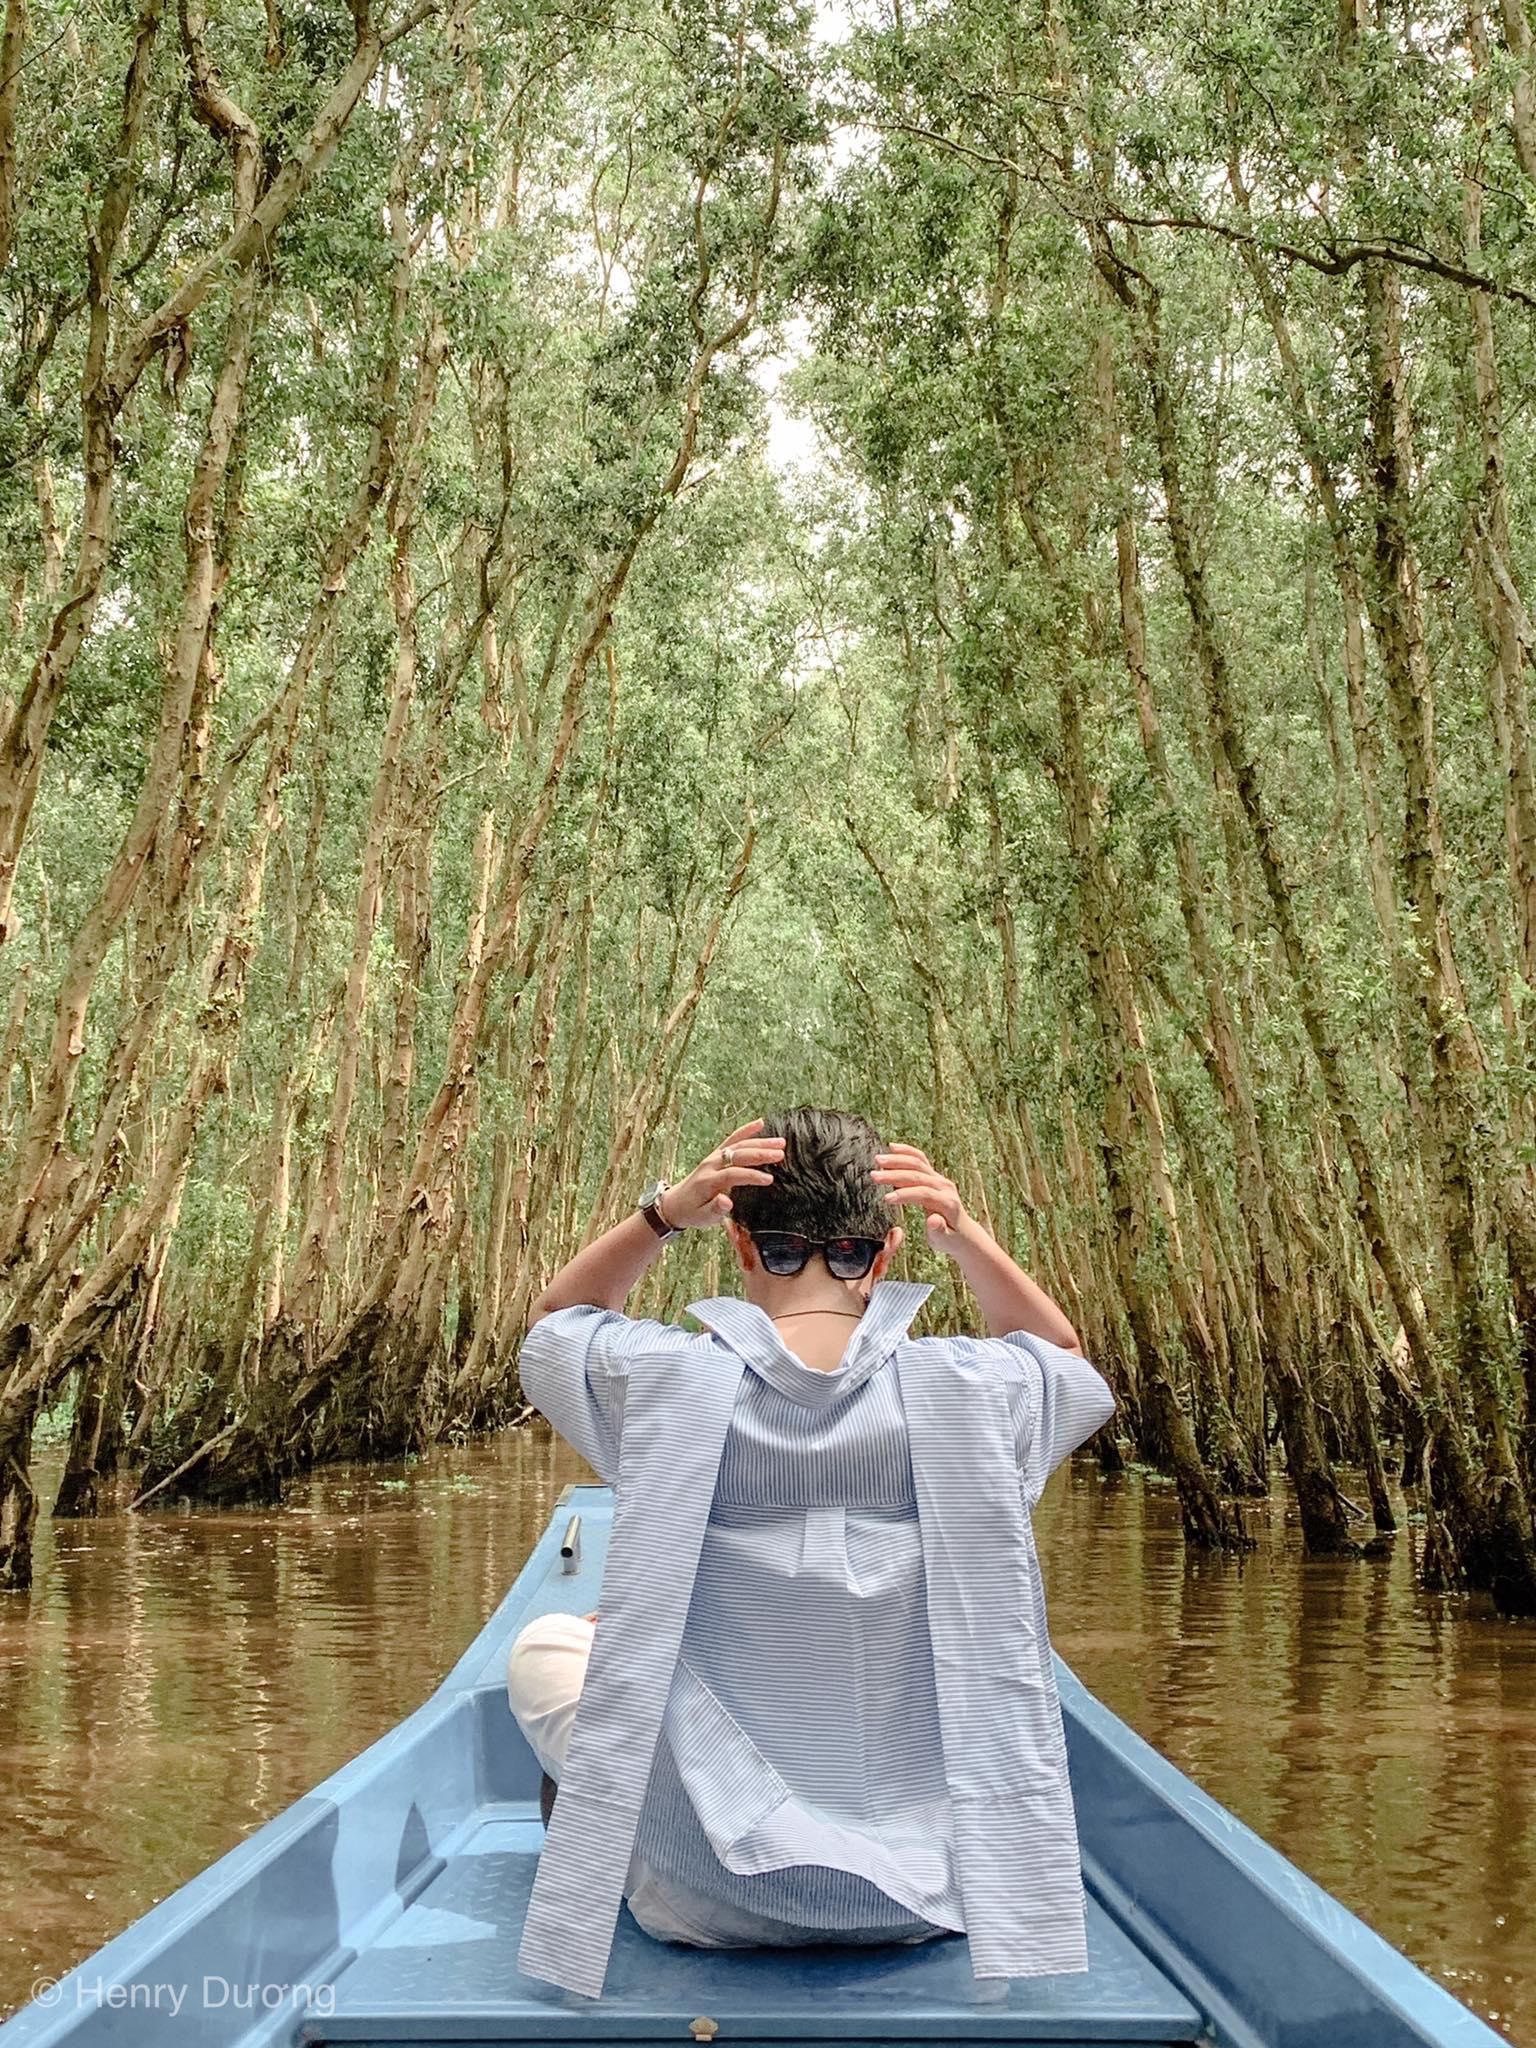 Hành trình khám phá những địa điểm đẹp nhất tại rừng tràm Trà Sư, An Giang  - Ảnh 11.